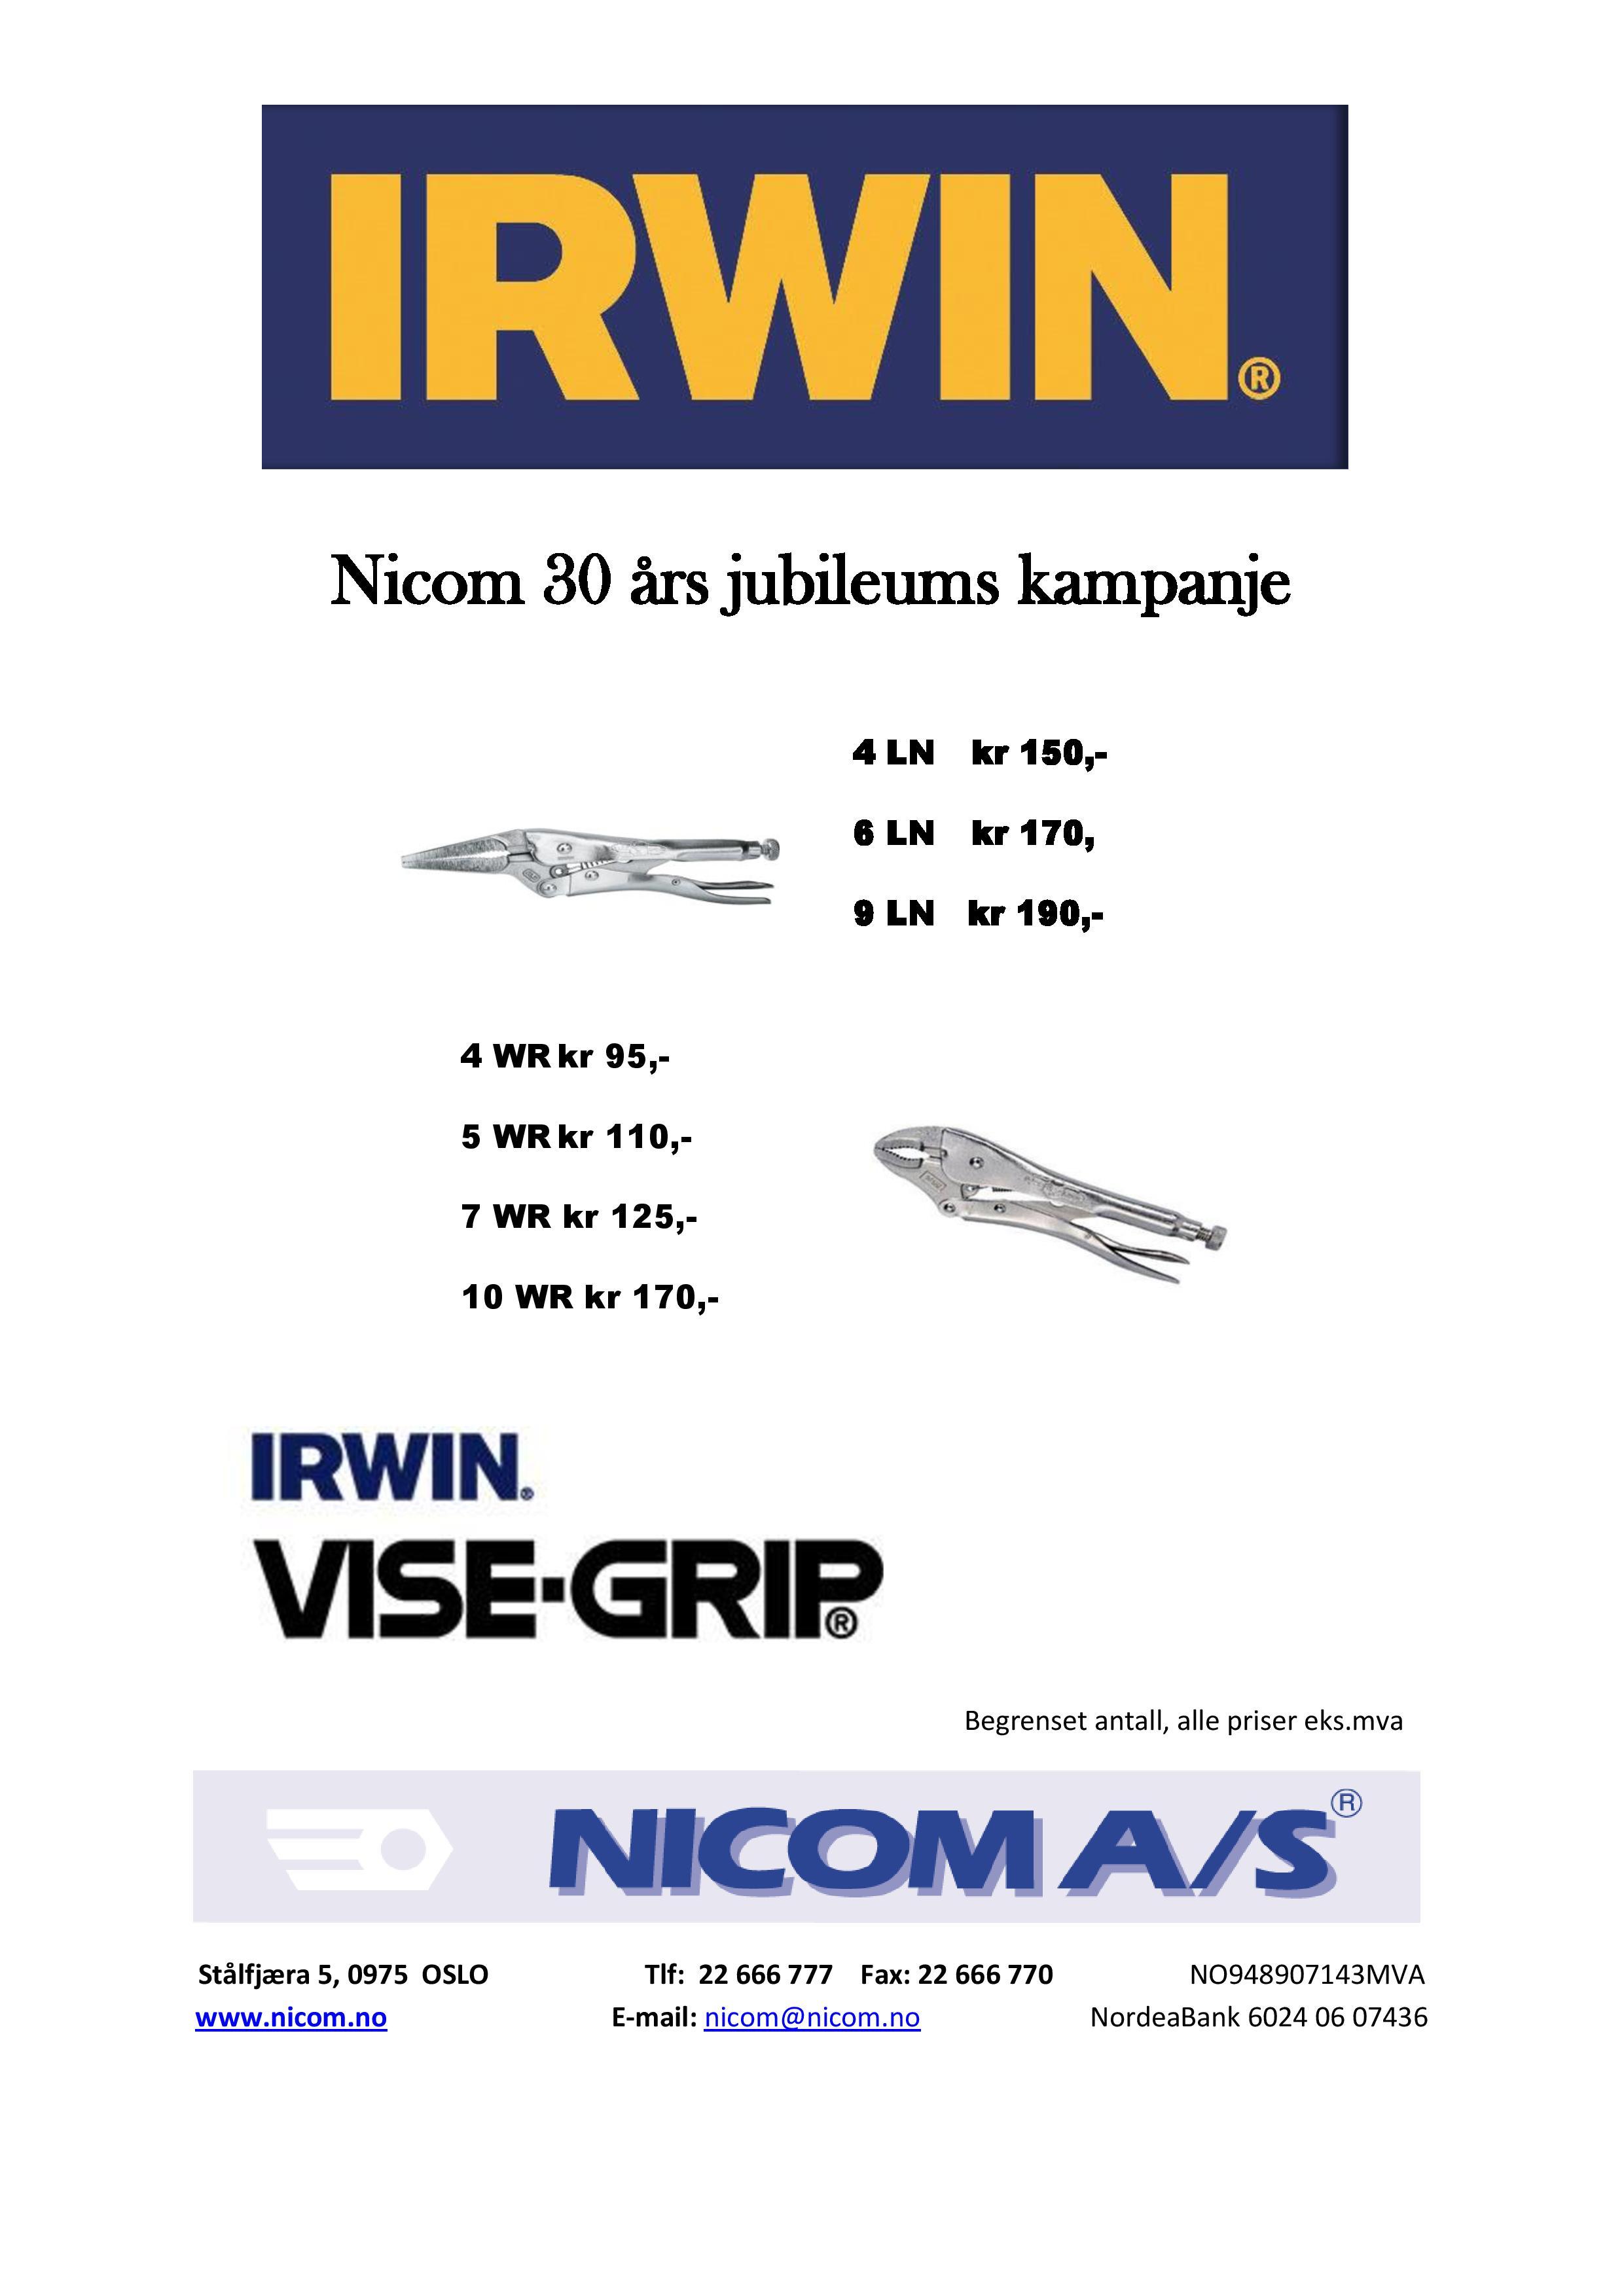 Irwin kampanje-page-001